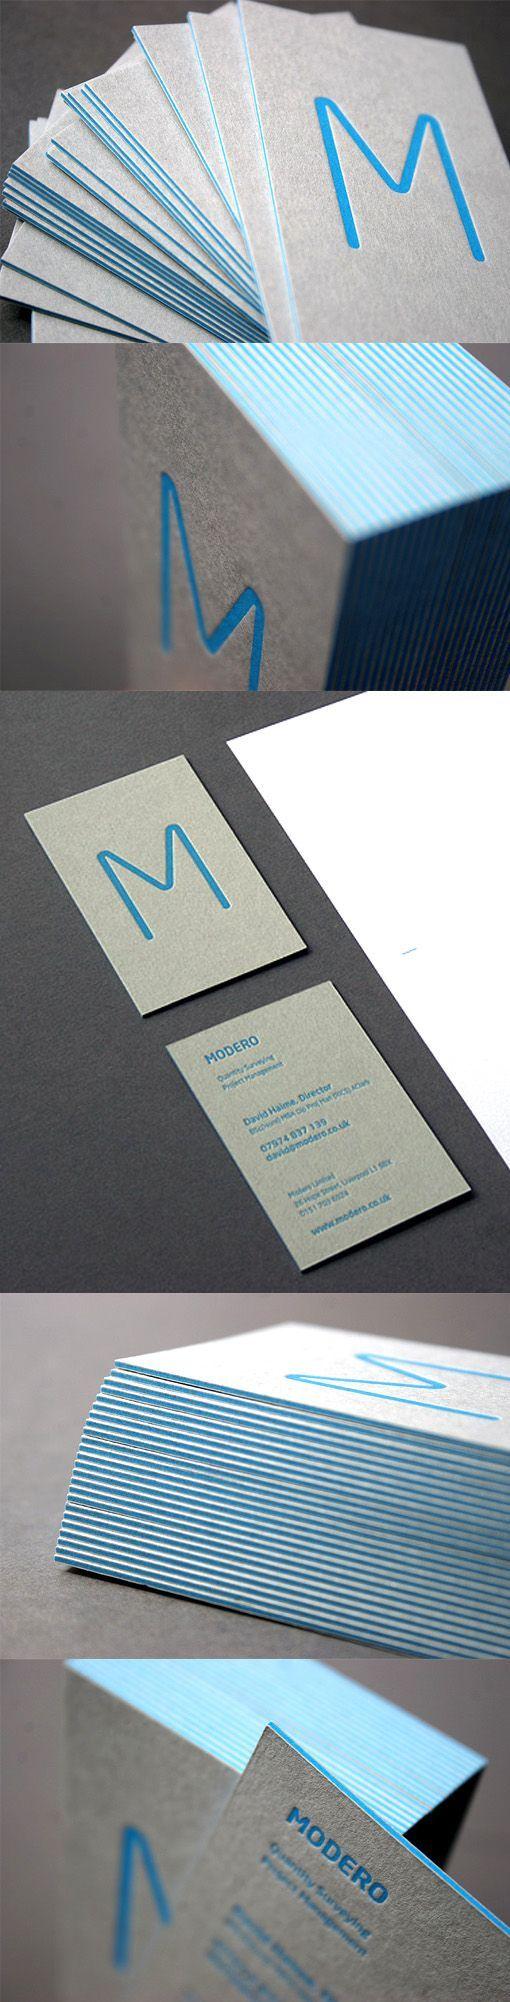 Minimalist business card letterpress printed on recycled card stock minimalist business card letterpress printed on recycled card stock name card design pinterest carte de visite et cartes reheart Choice Image